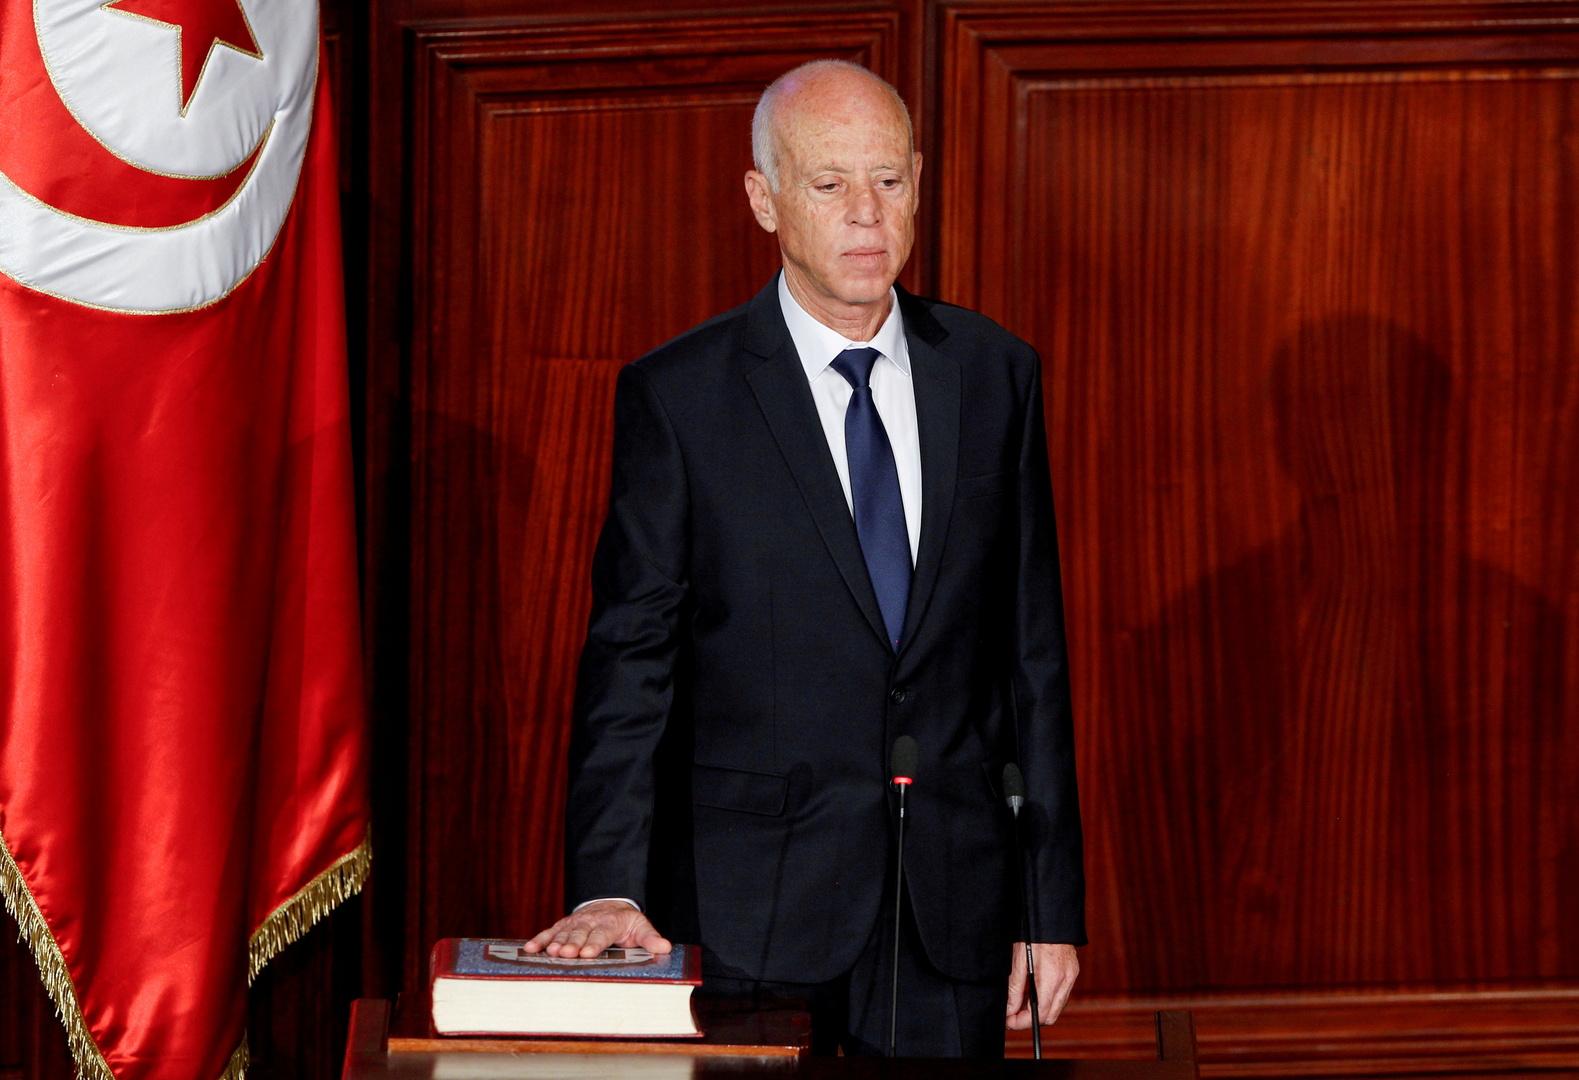 روس كوسموس.. توقيع مذكرة تفاهم لإرسال أول رائدة فضاء تونسية إلى المحطة الفضائية الدولية